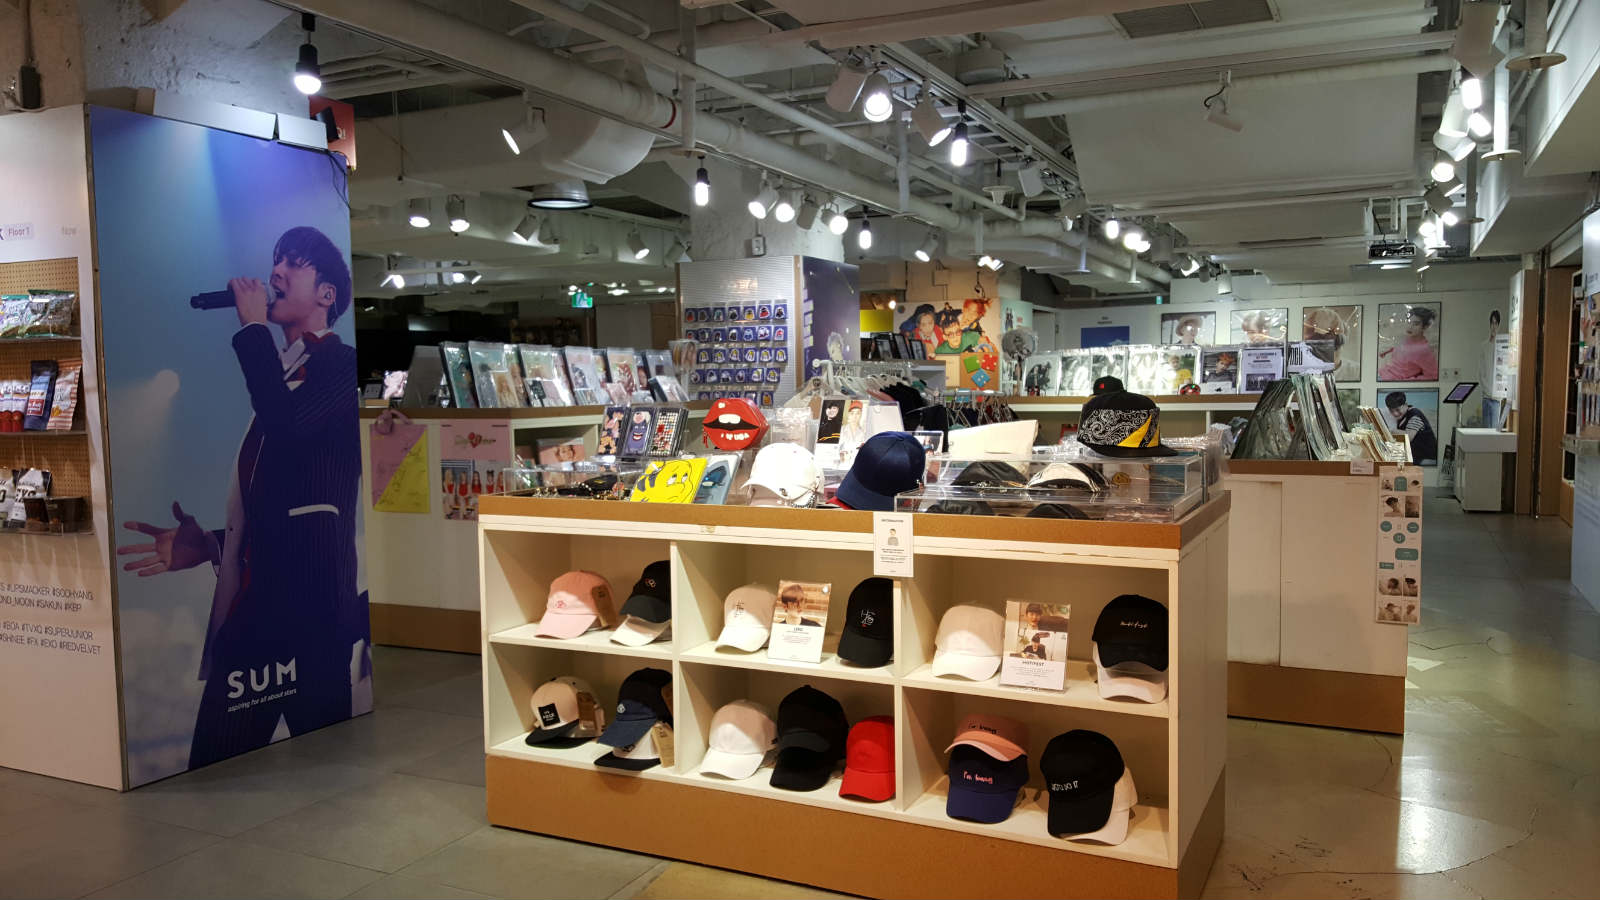 ghé trung tâm thương mại lotte young plaza là một trong những điều phải làm khi đi du lịch seoul